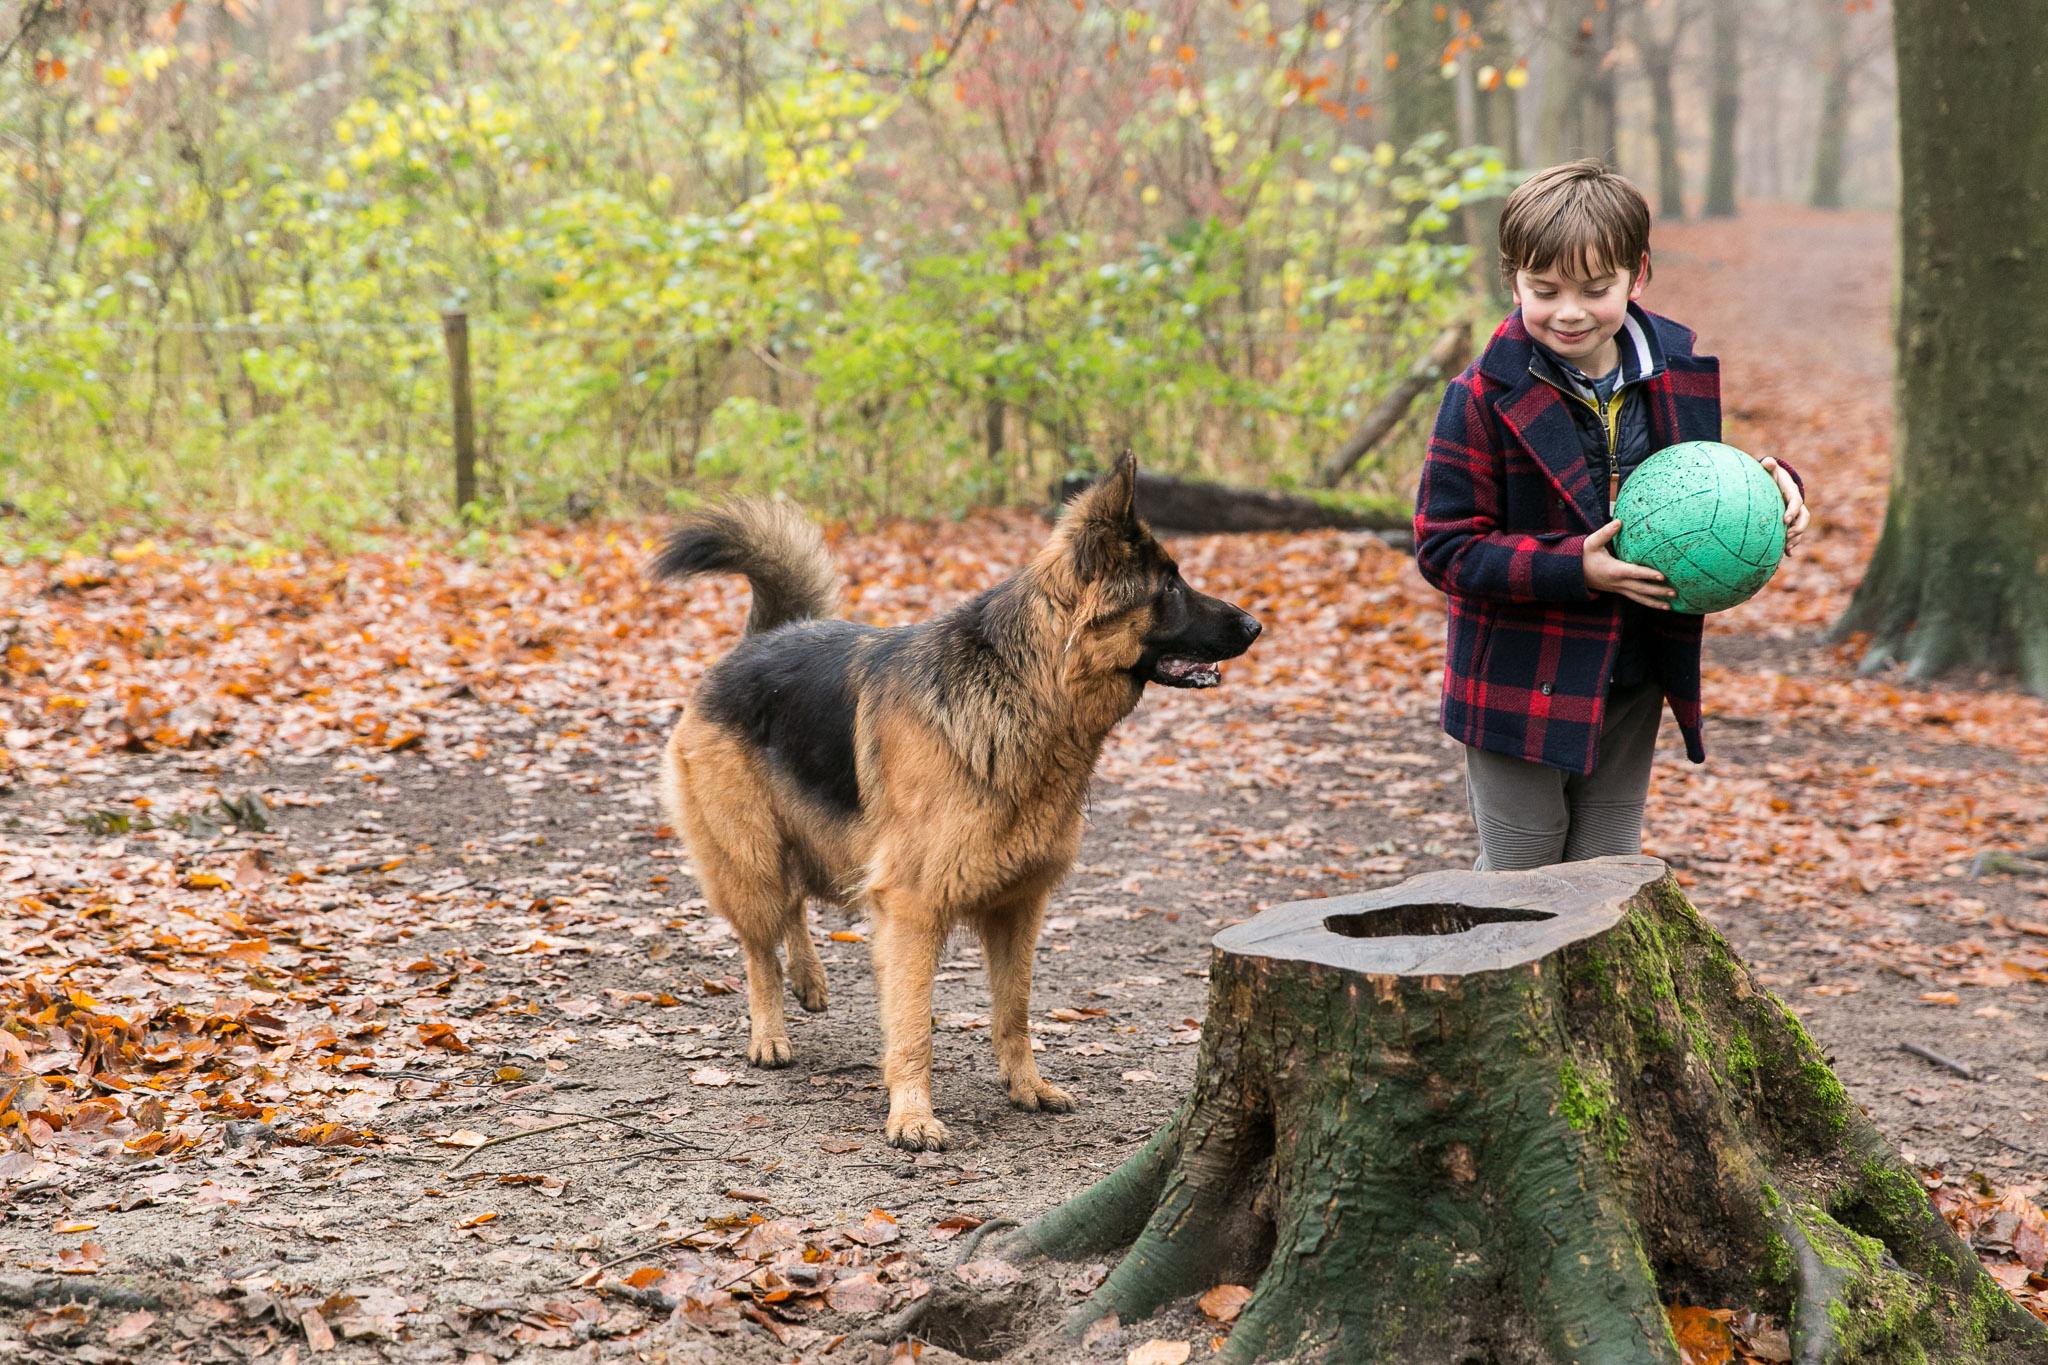 Herdershond probeert bal af te pakken van jongetje